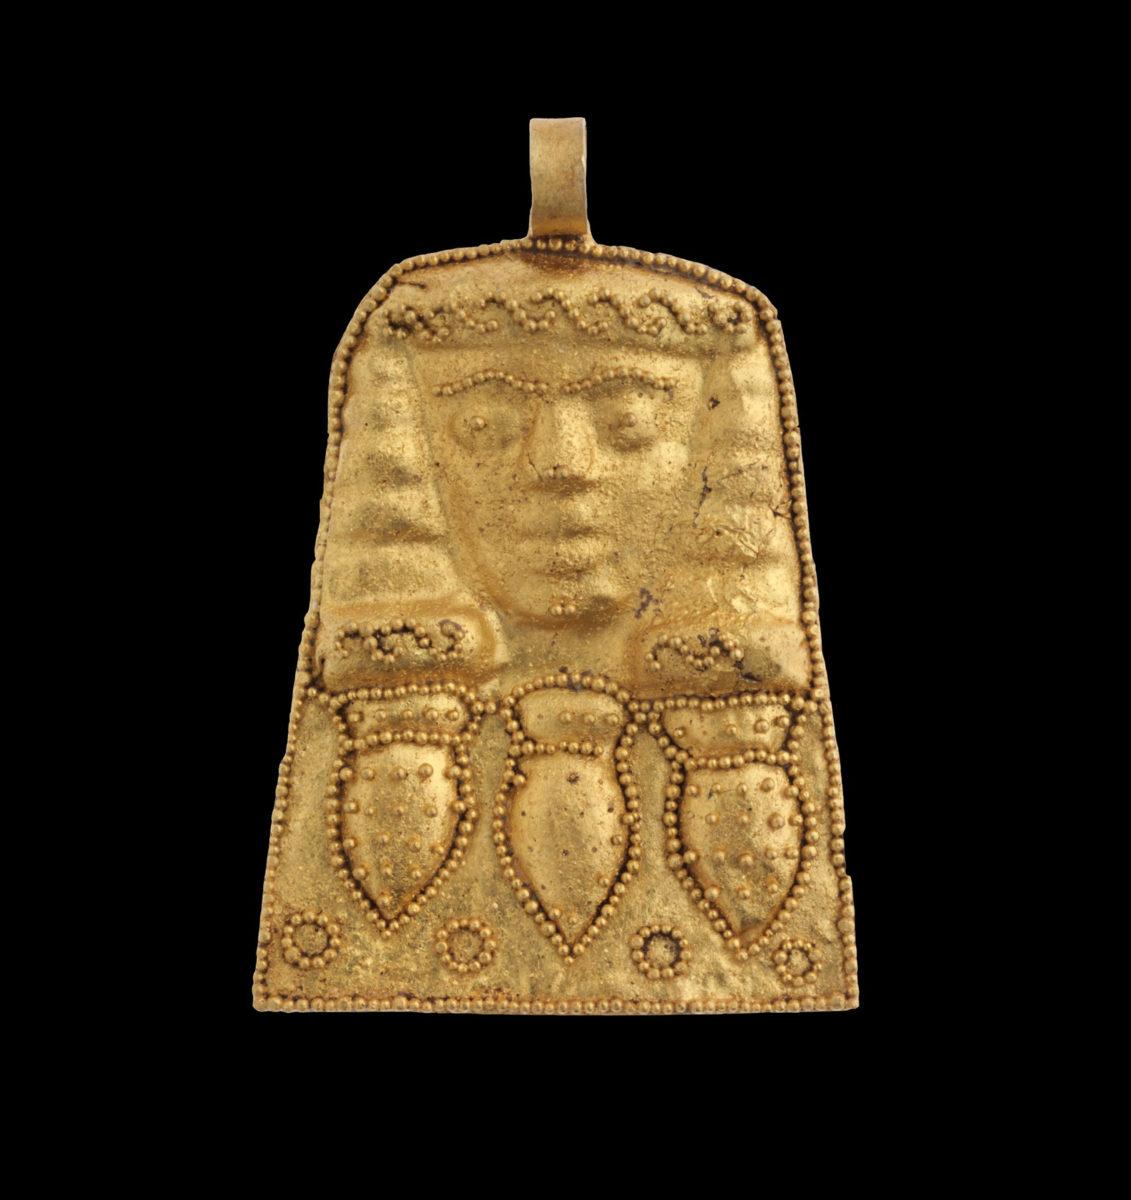 Χρυσό περίαπτο (μενταγιόν), πριν τα μέσα του 7ου αι. π.Χ. Από τη Νεκρόπολη της Ορθής Πέτρας. Εικονίζεται γυναικεία μορφή, κάτω από την οποία αποδίδονται τρία αγγεία σε σειρά. © Πανεπιστήμιο Κρήτης / Κέντρο Μελέτης, Μουσείο αρχαίας Ελεύθερνας.